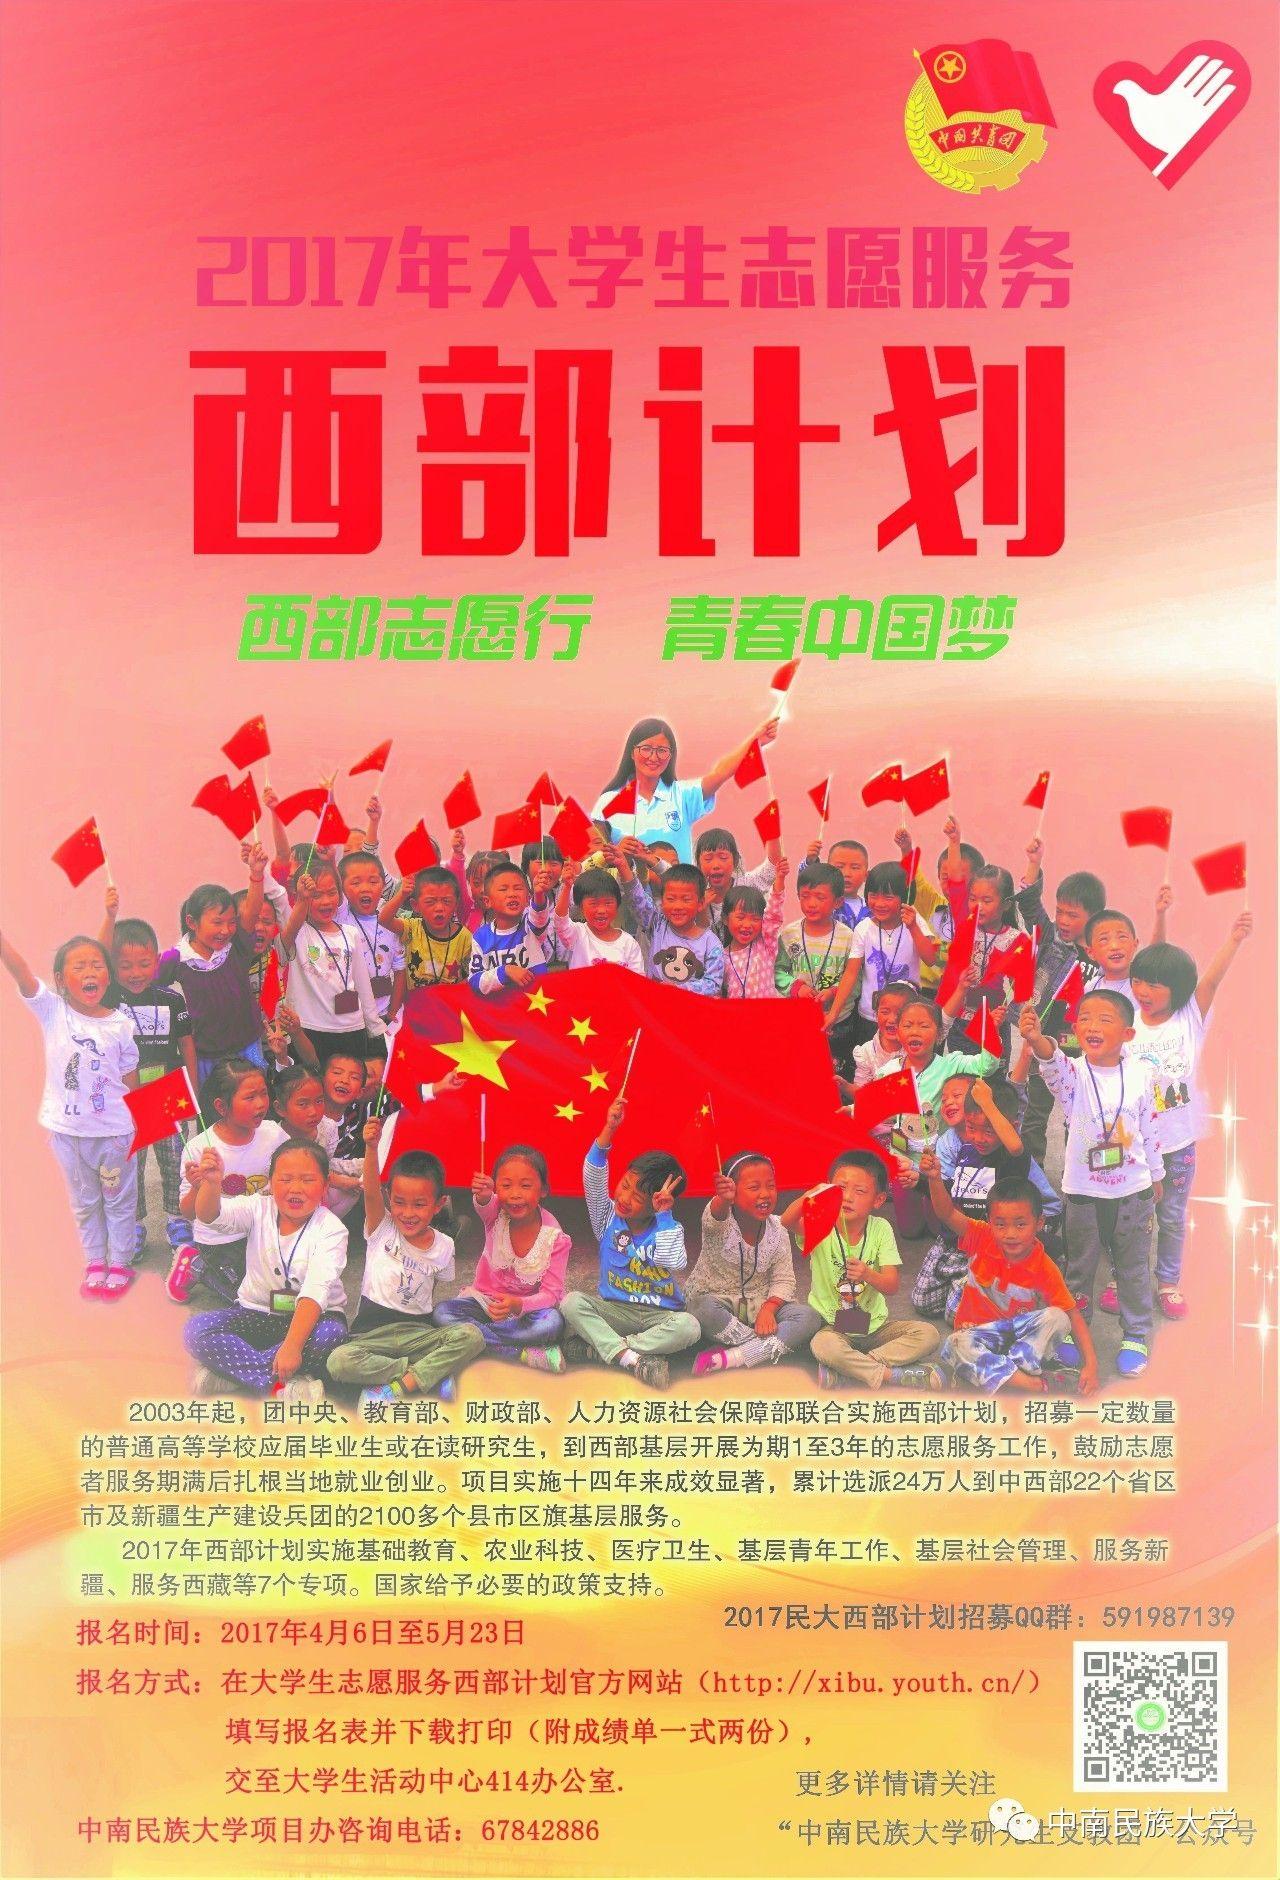 帮推|西部志愿情,青春中国梦,西部计划志愿者招募开始